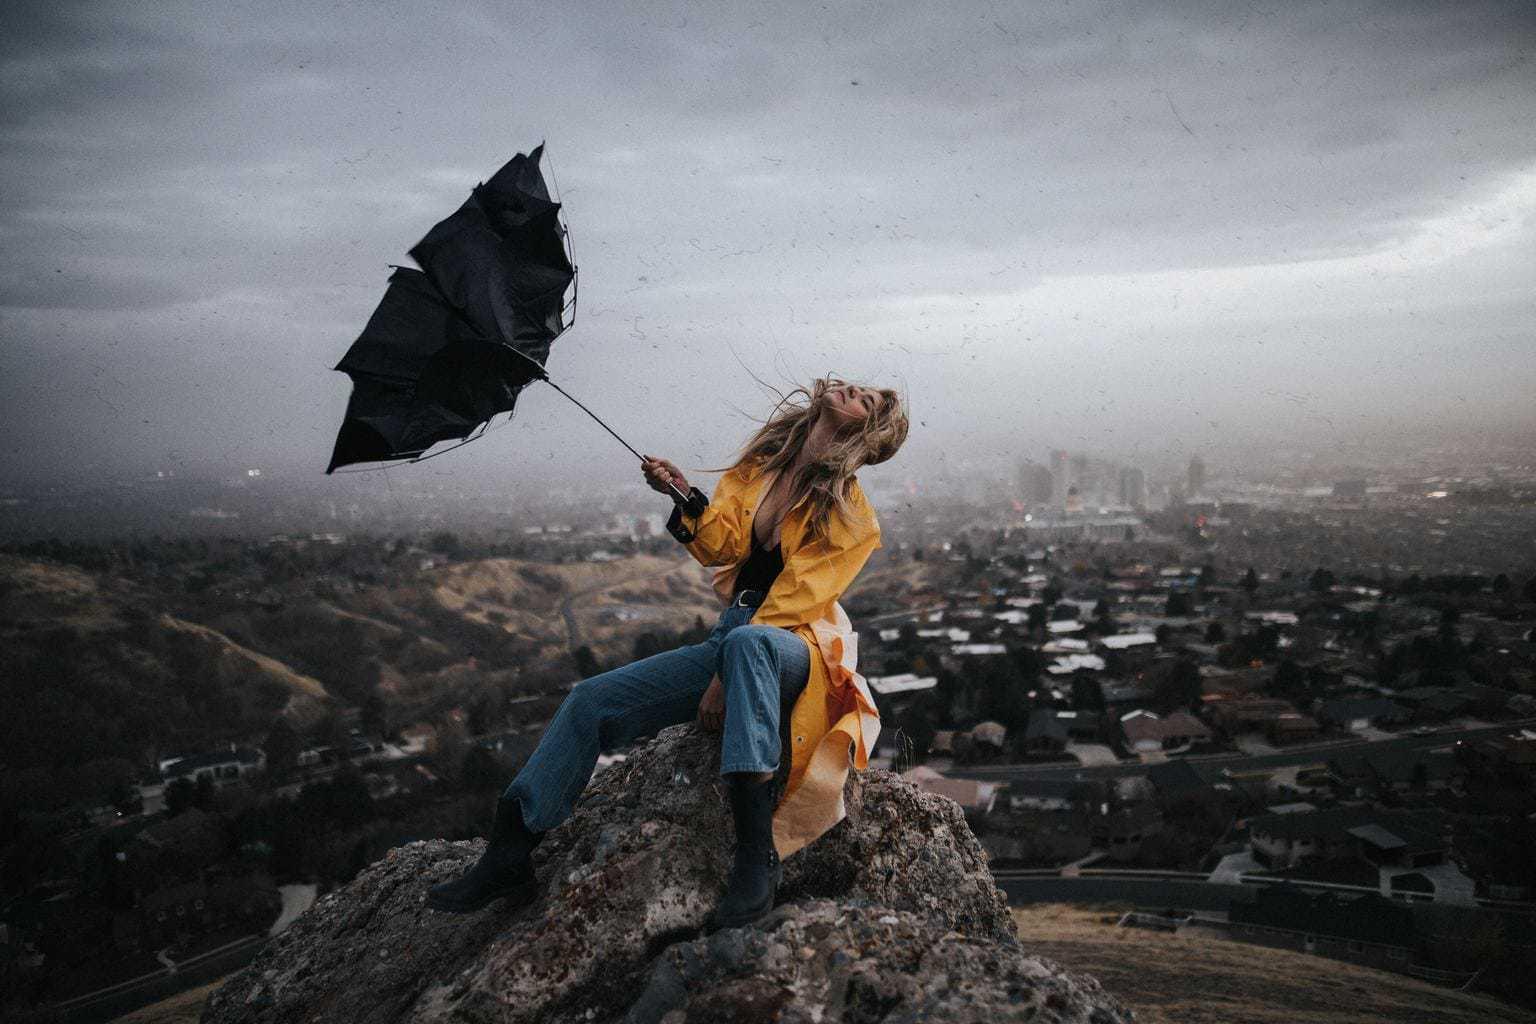 fotografía de una modelo con un paraguas